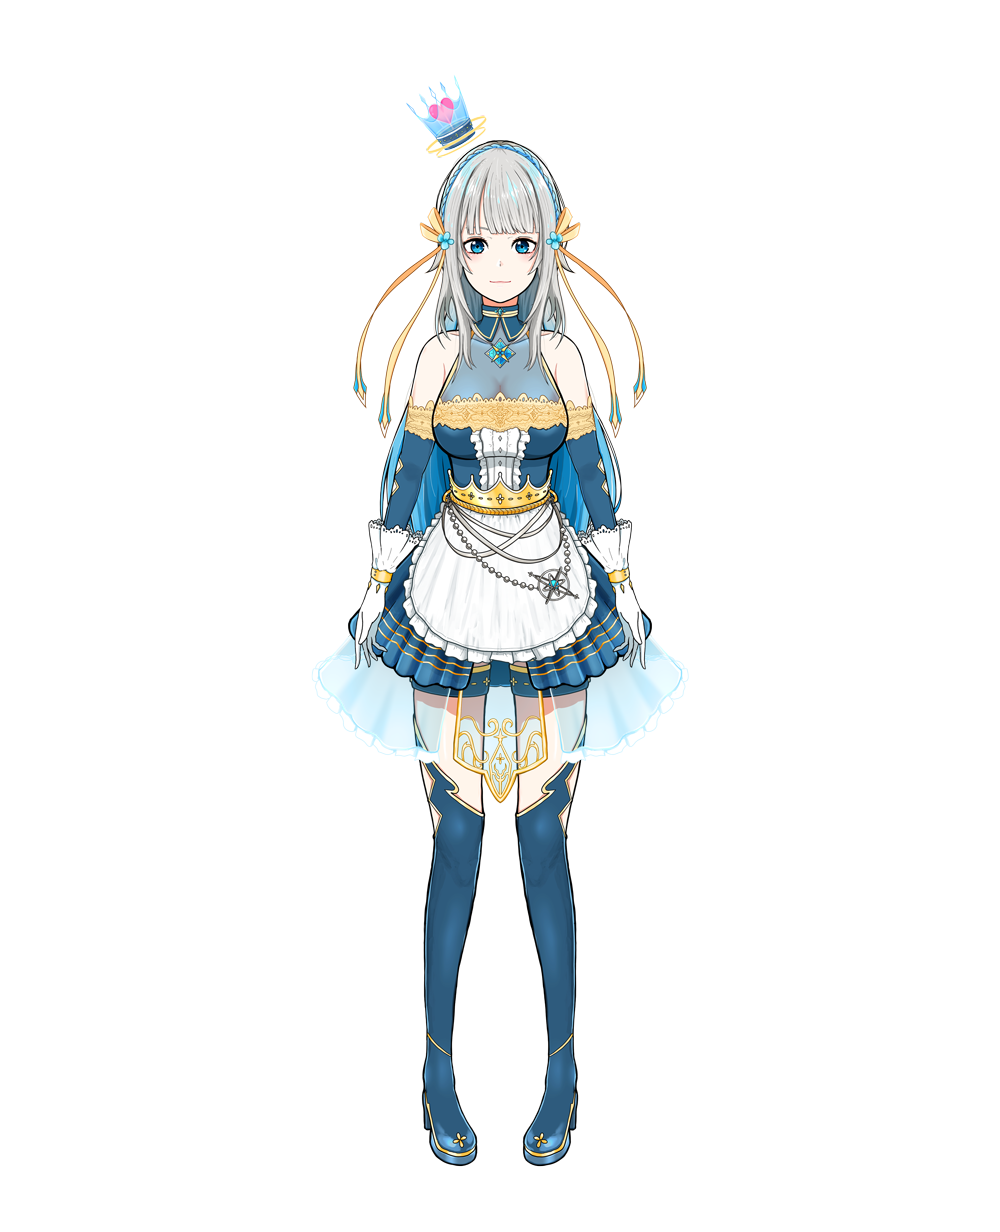 vtuber-character01-0608ver